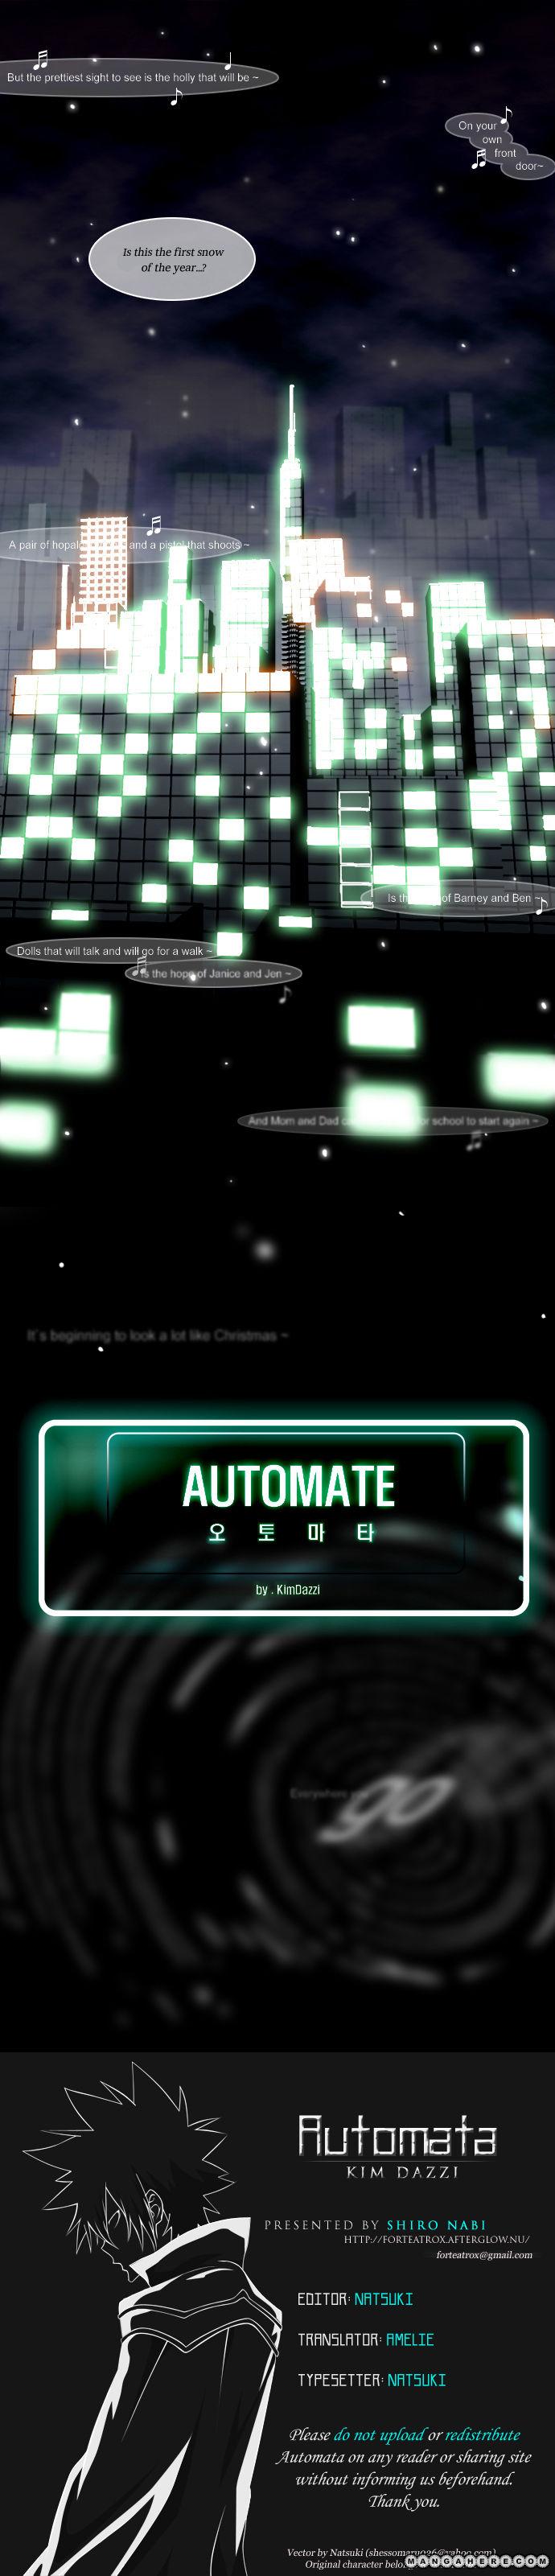 Automata 0 Page 3